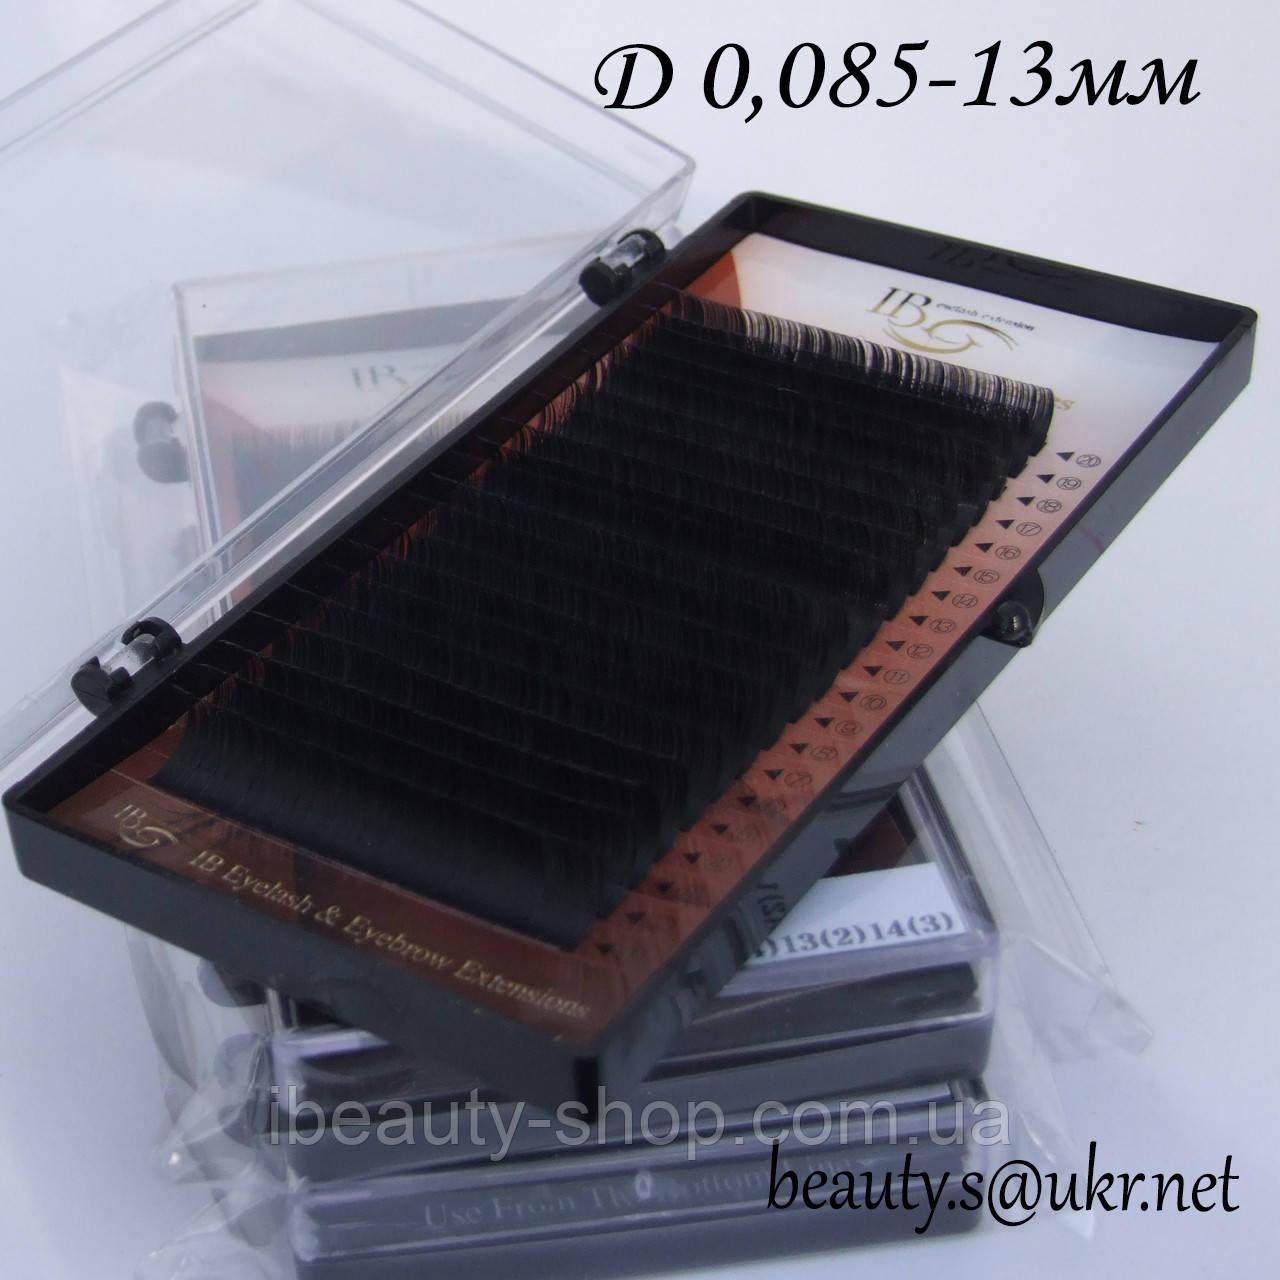 Ресницы  I-Beauty на ленте D-0,085 13мм